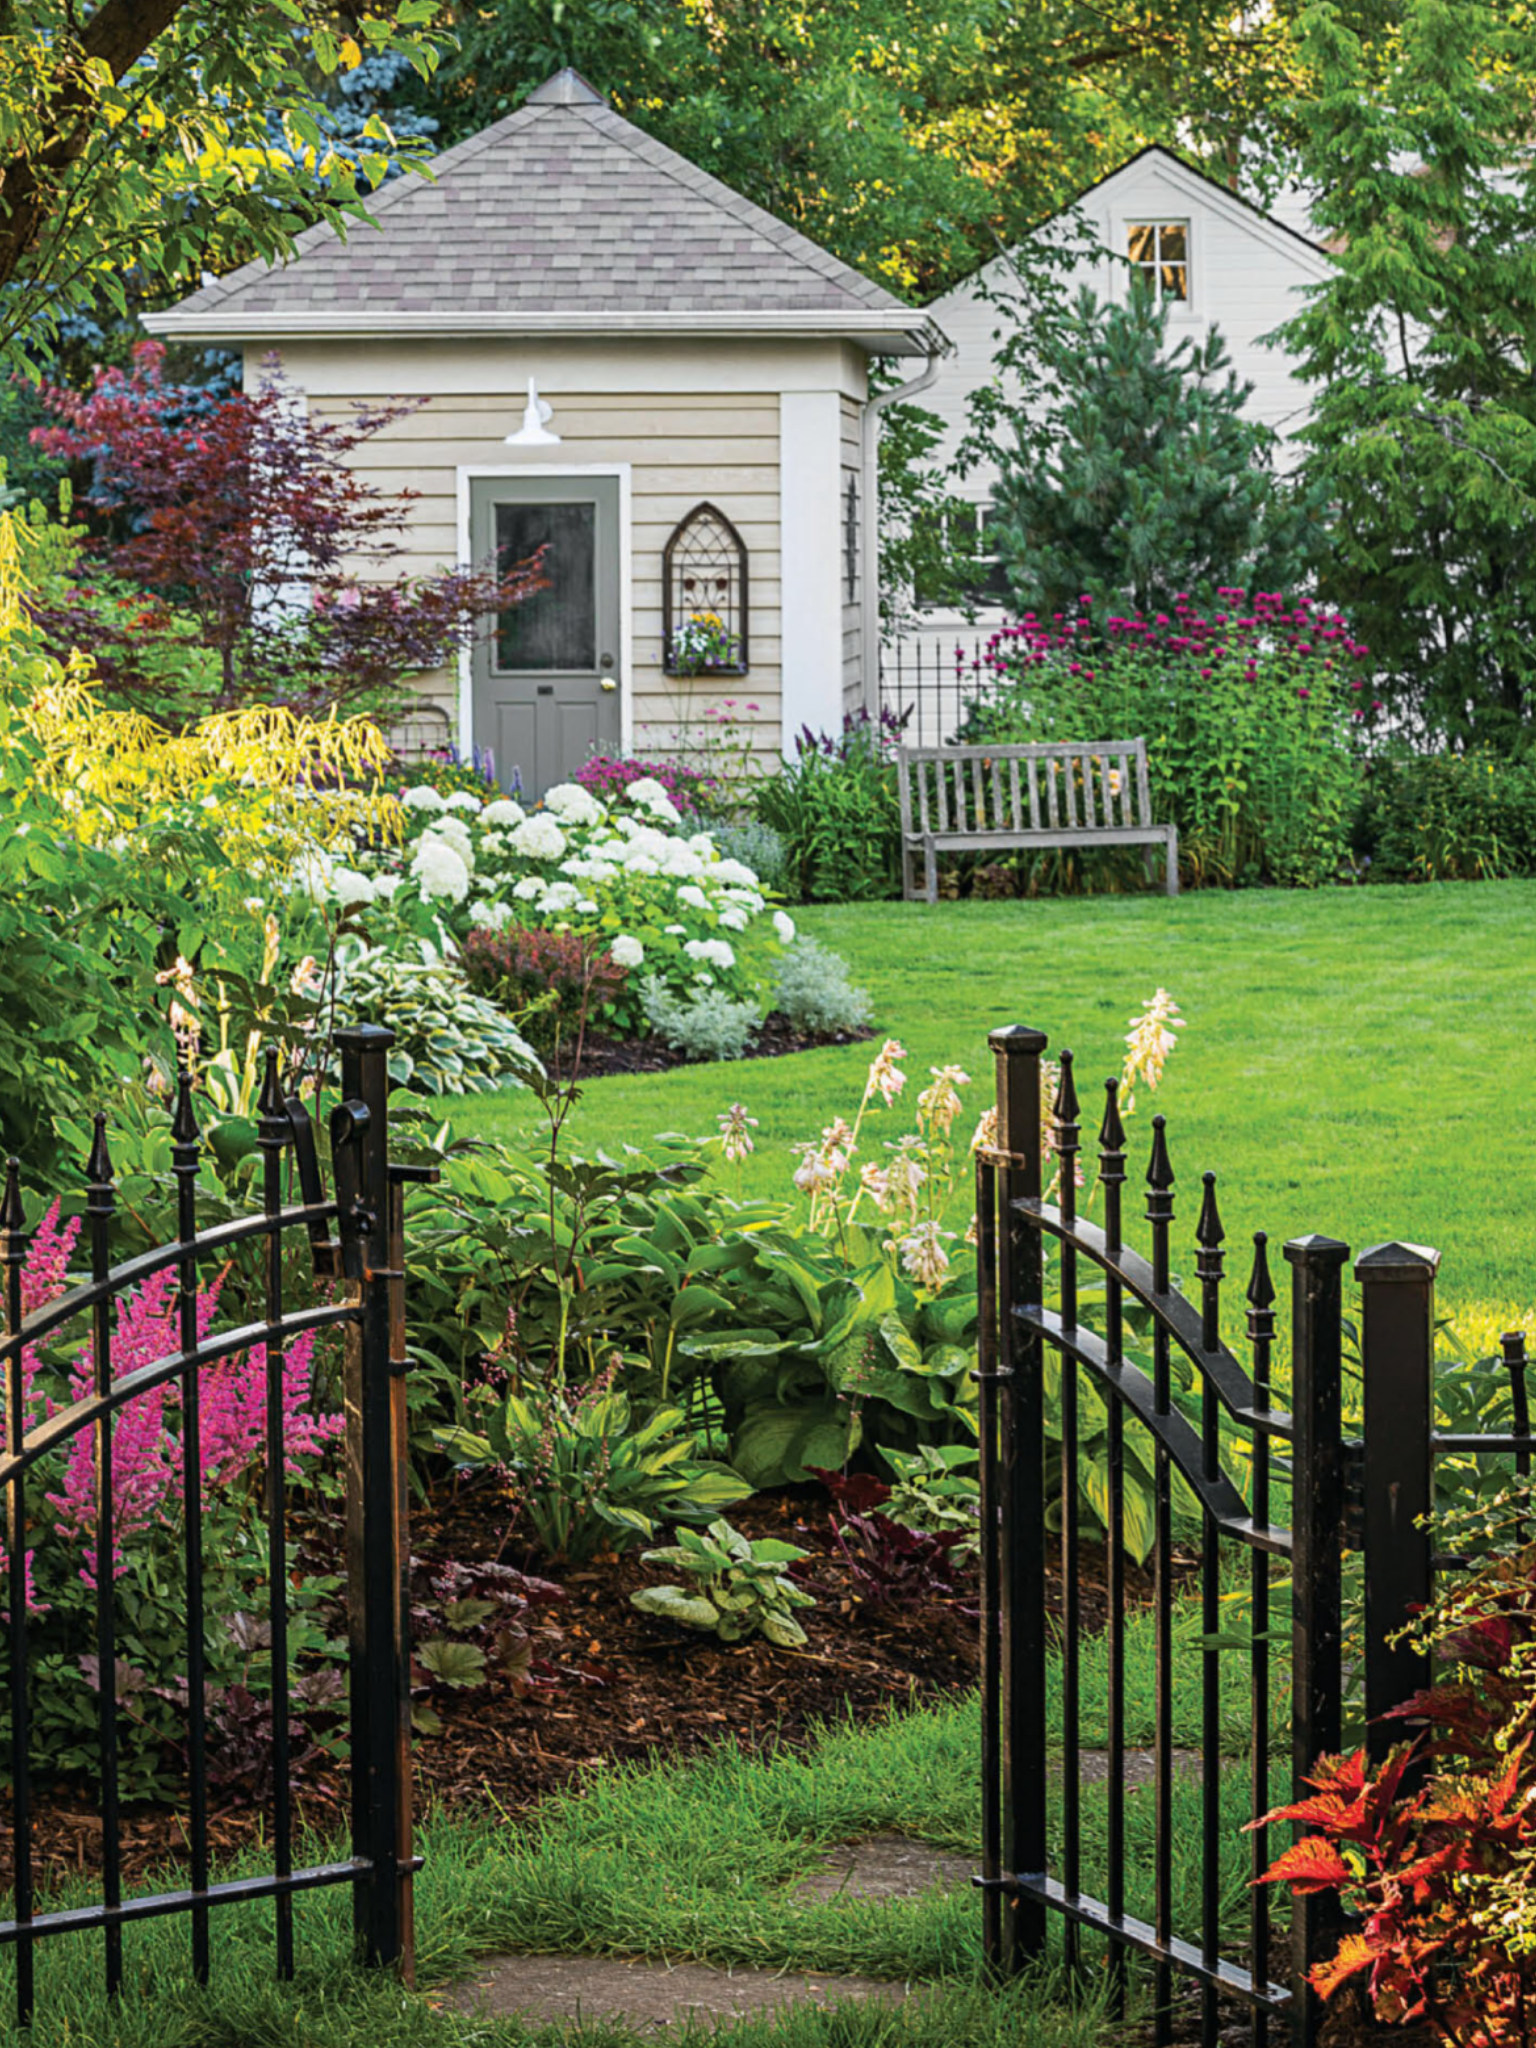 Home vegetable garden design  Pretty garden escape  Gardens u Outside  Pinterest  Gardens